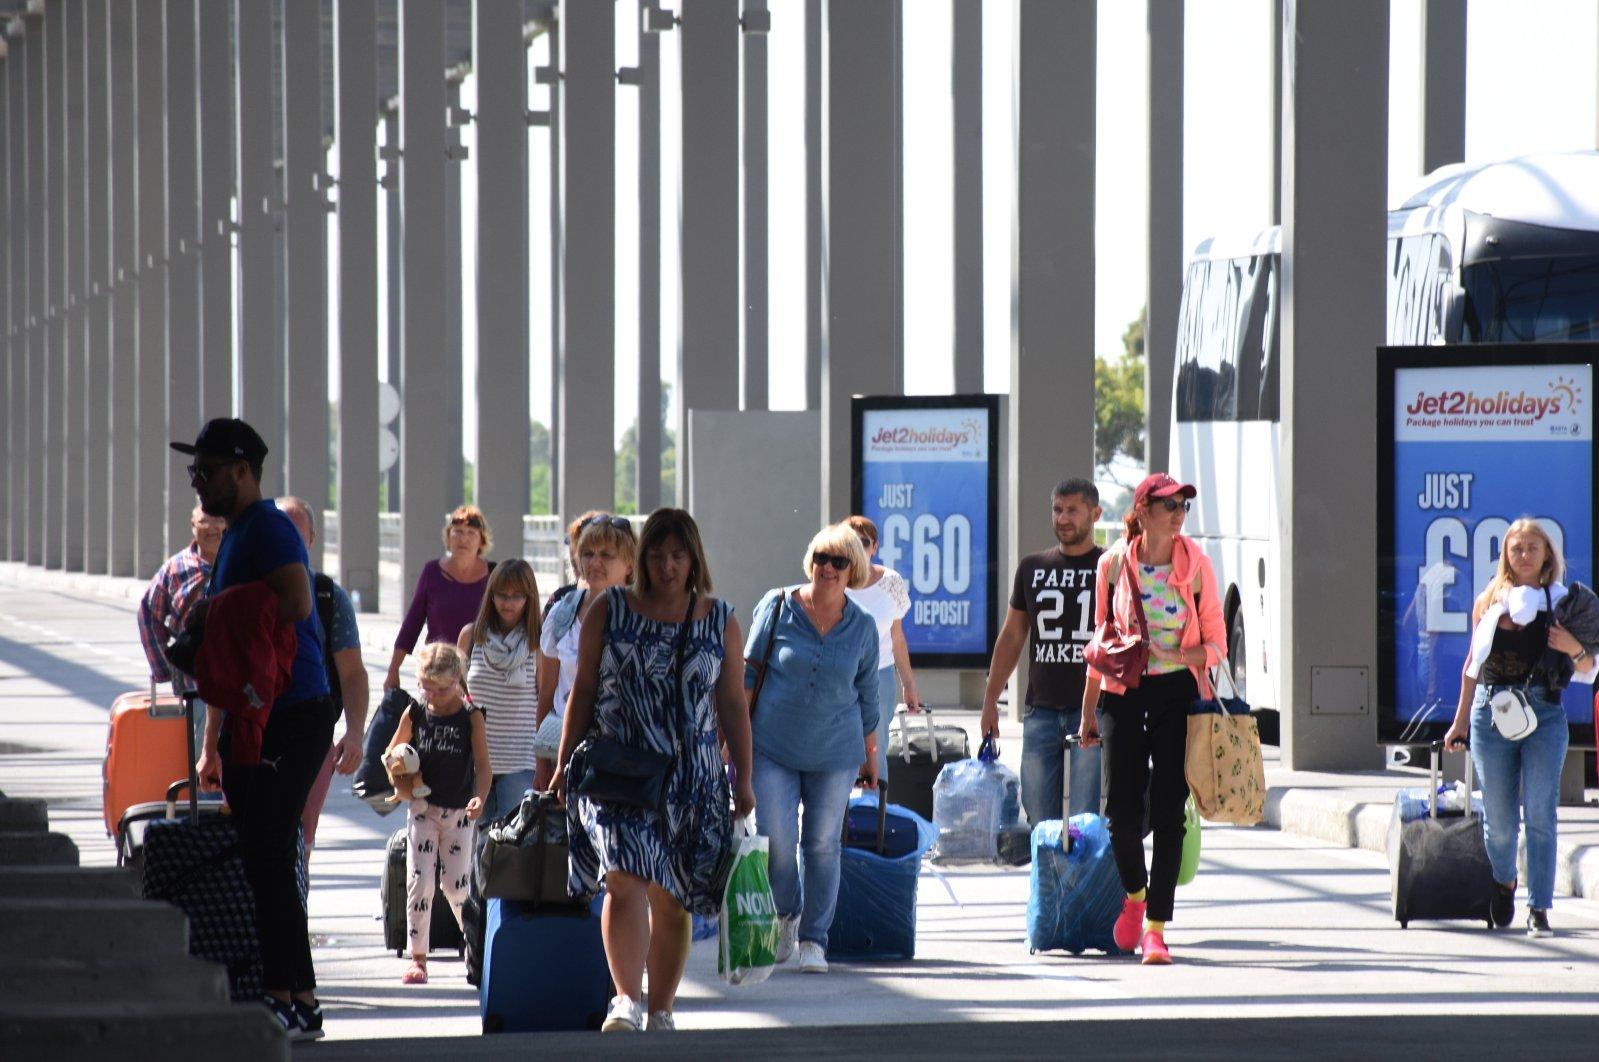 British tourists walk in southwestern Turkey's Dalaman airport, Muğla, Sept. 26, 2019. (AA Photo)